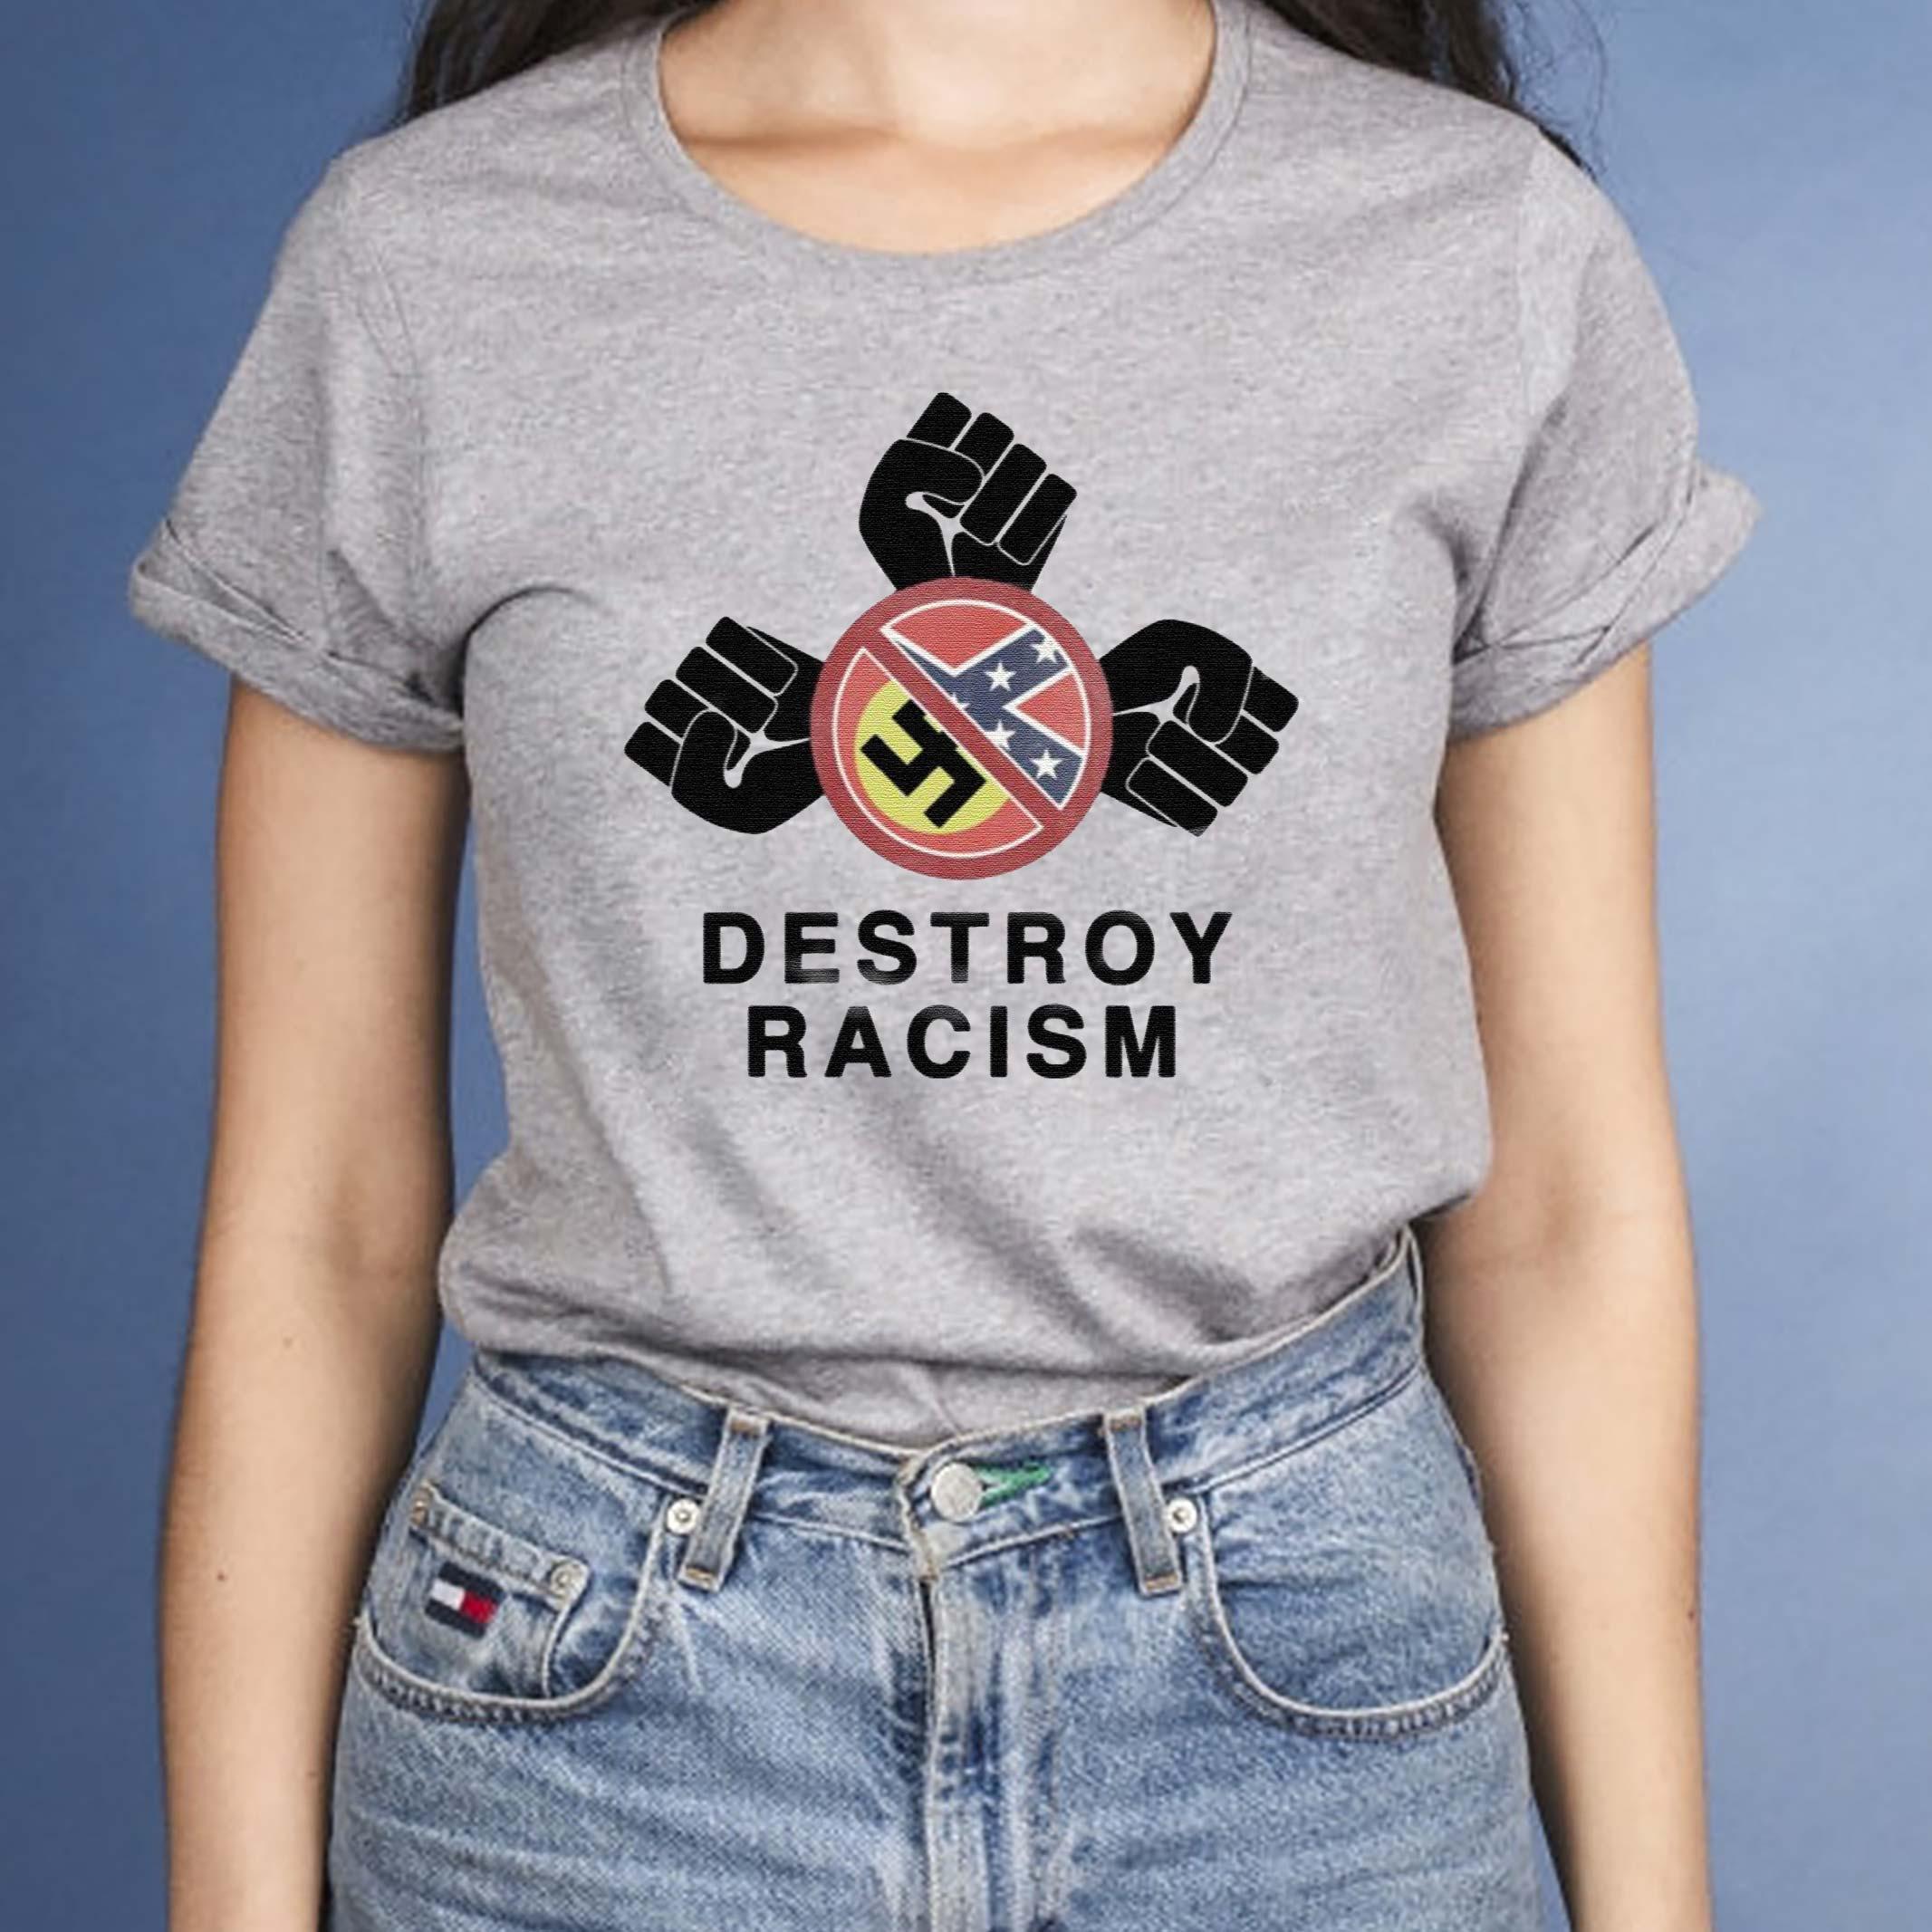 James-Harden-Destroy-Racism-T-Shirts